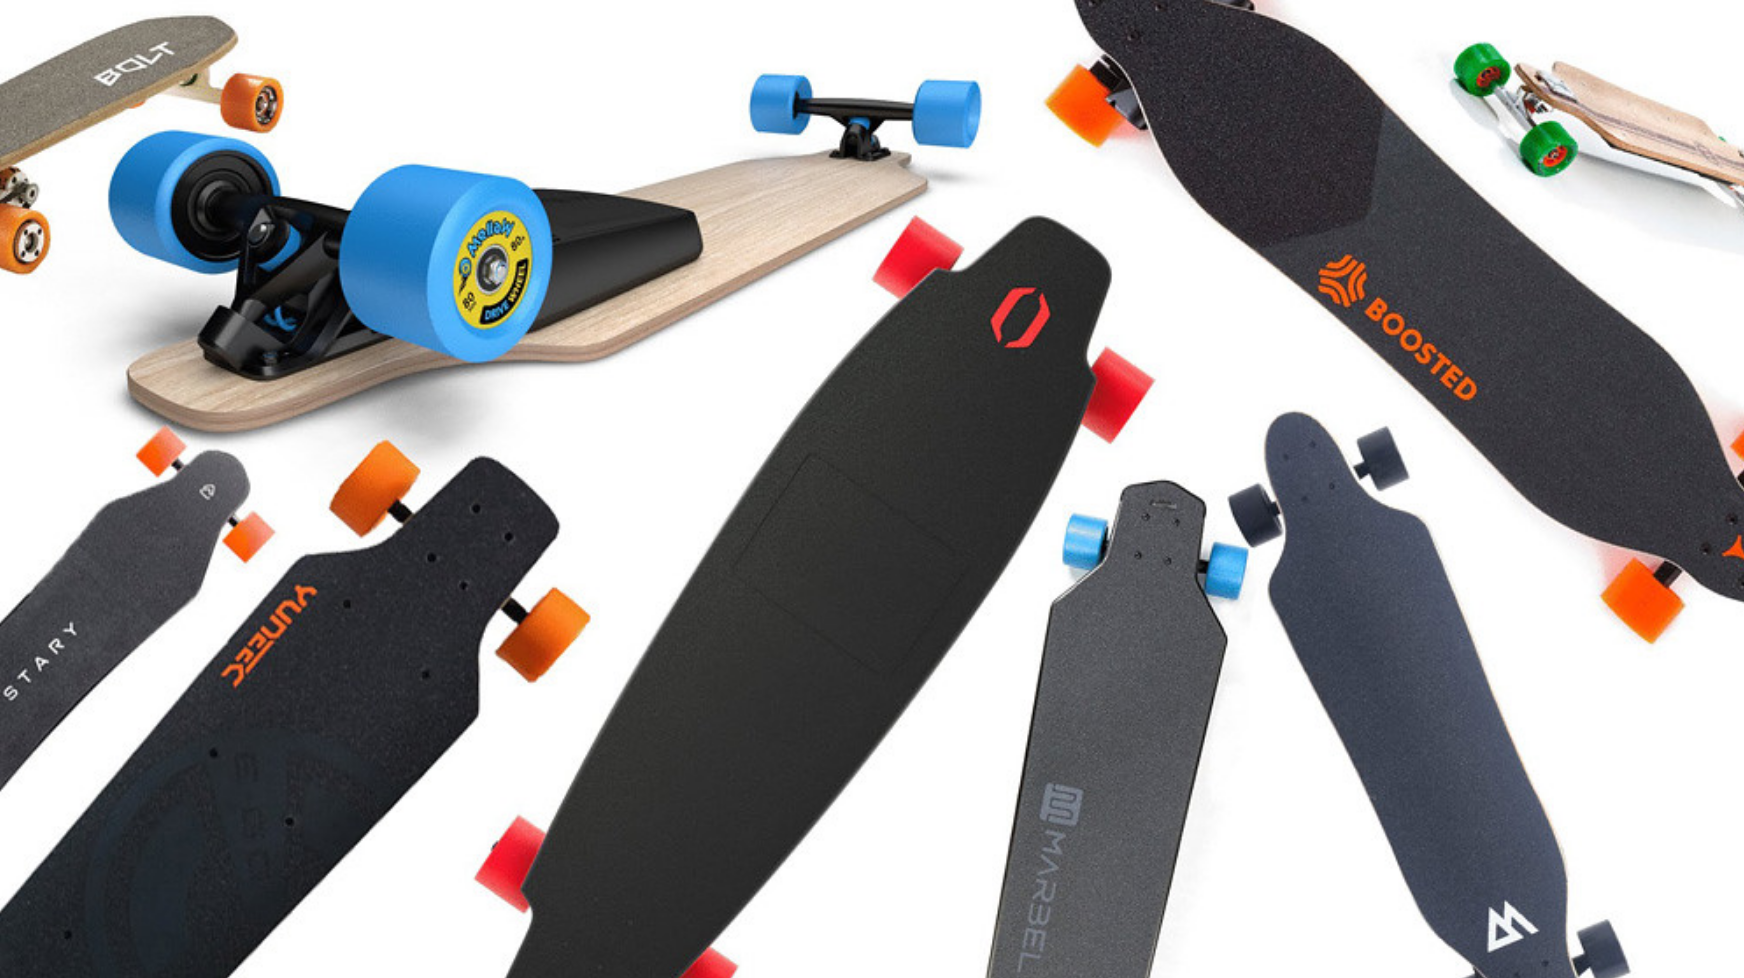 Best Electric Skateboard - Cheap best Electric Skateboard under 500